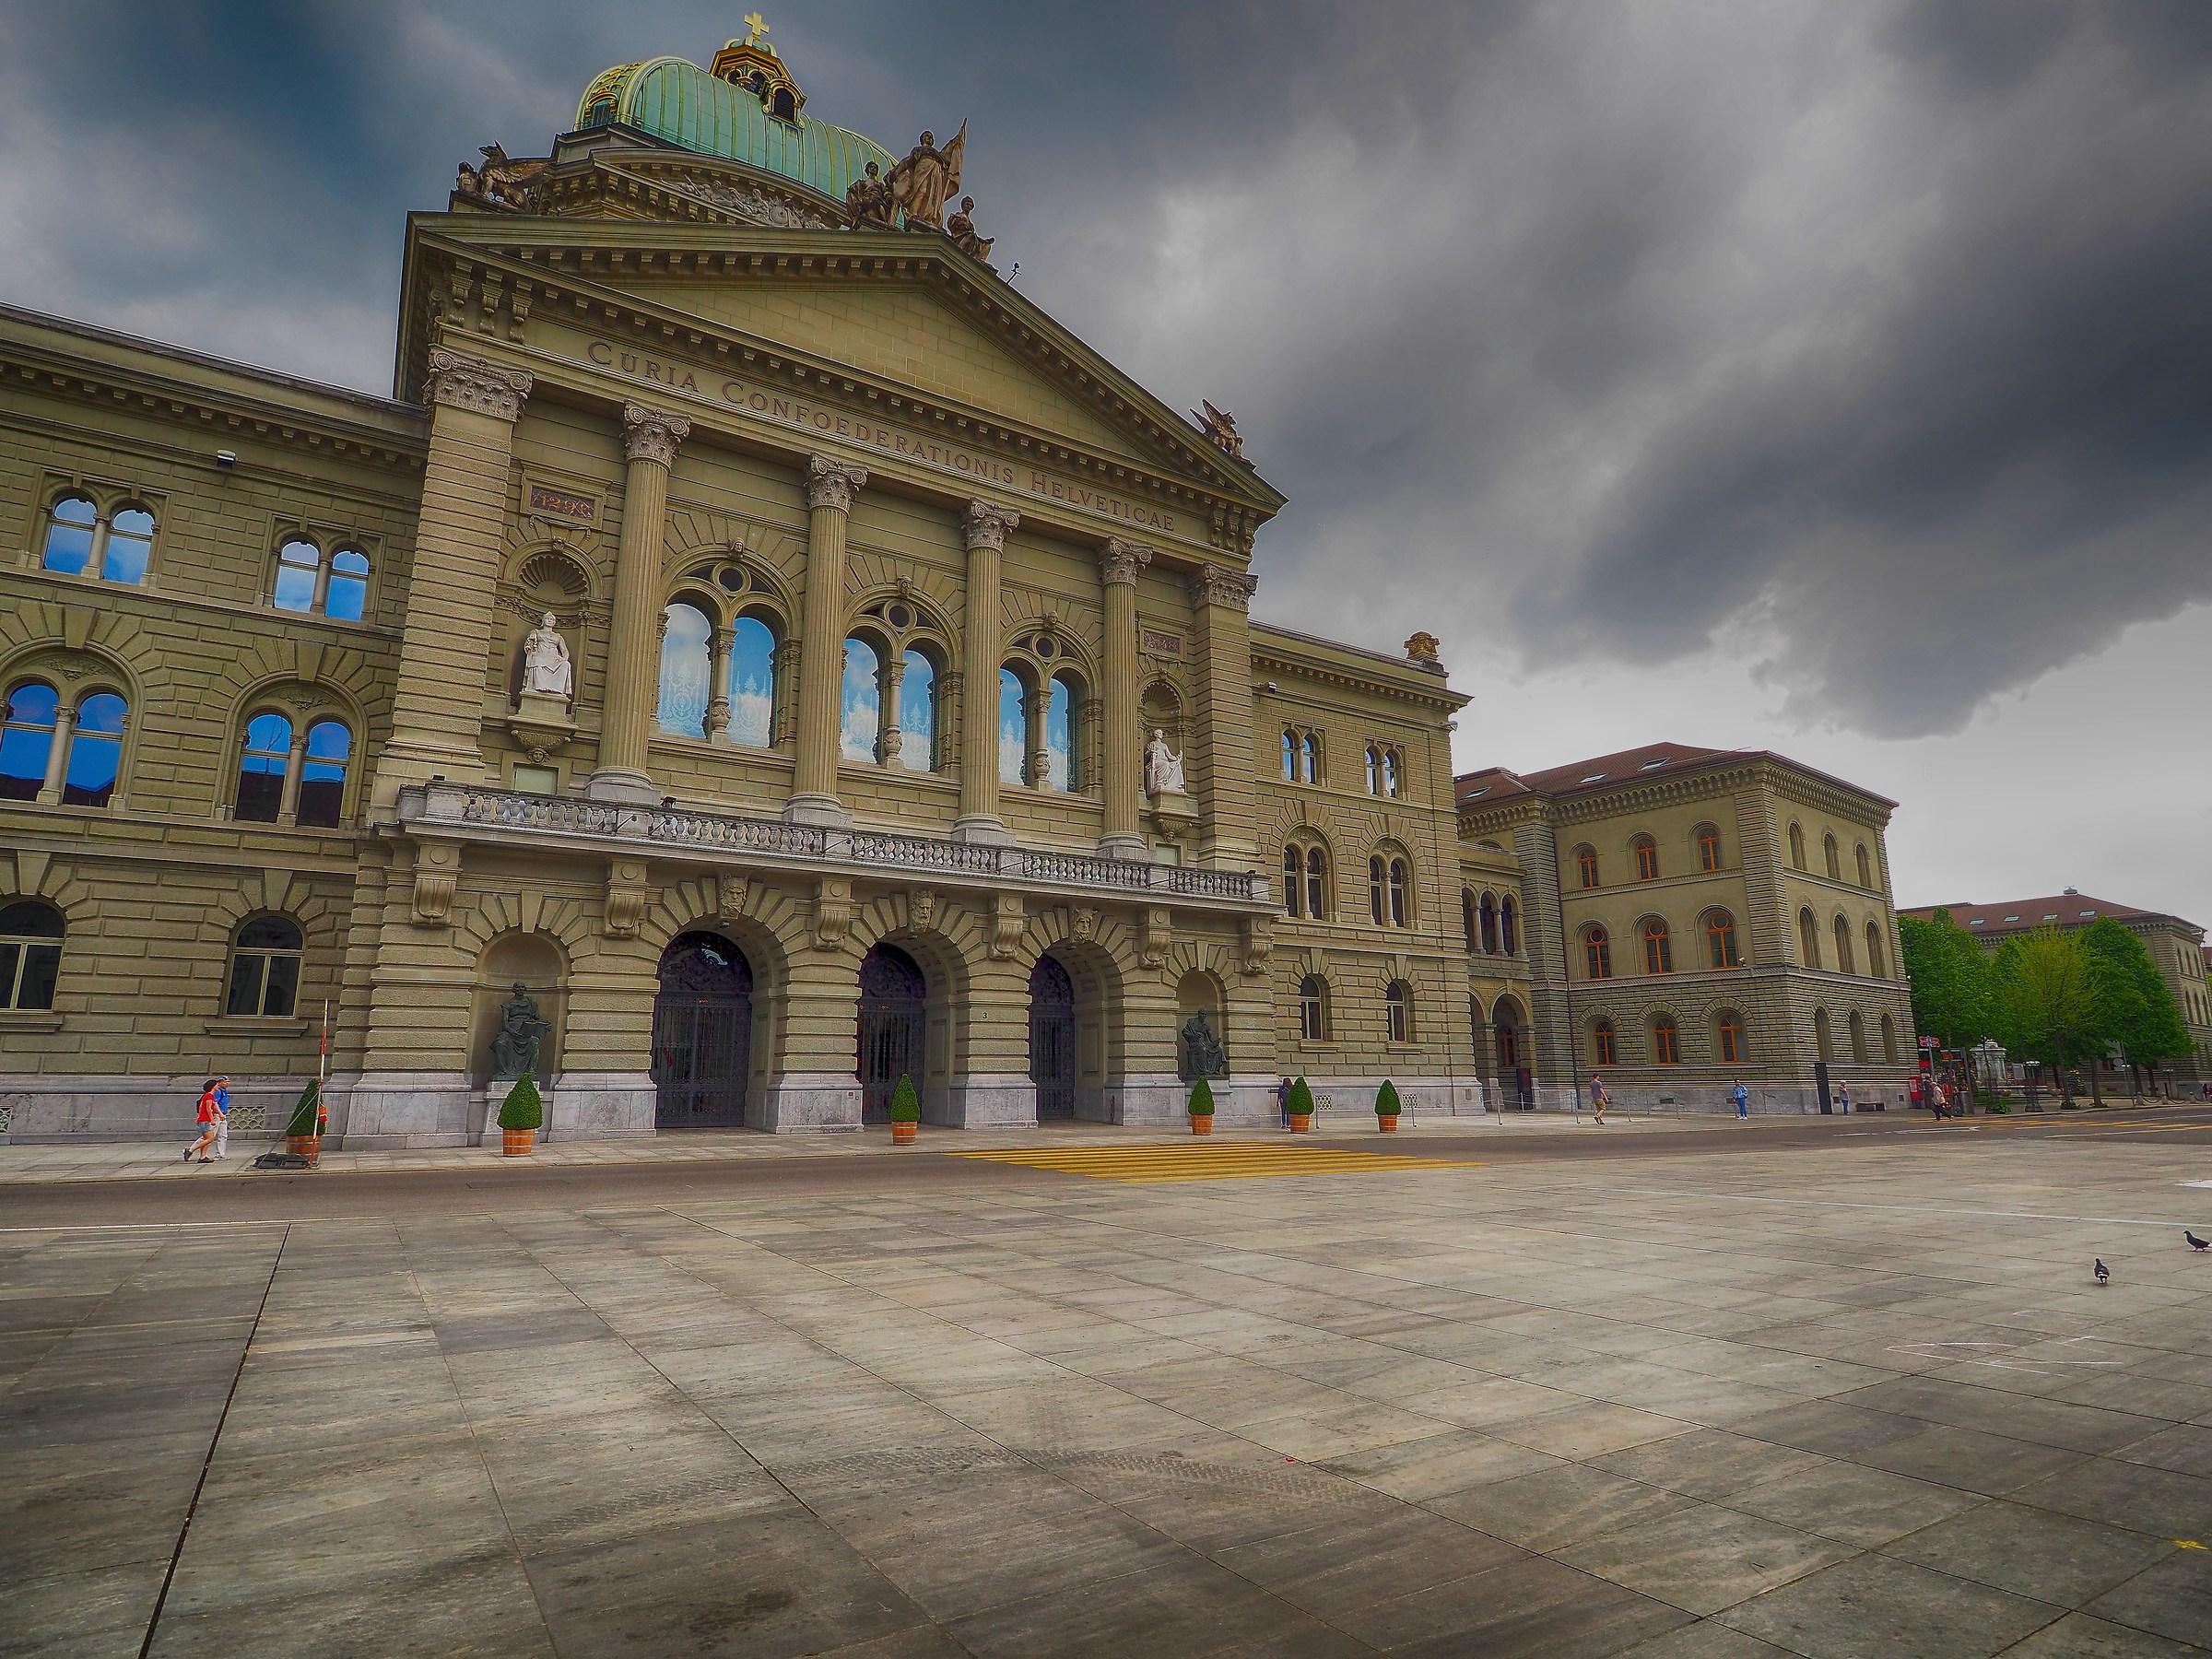 Il parlamento svizzero berna juzaphoto for Il parlamento